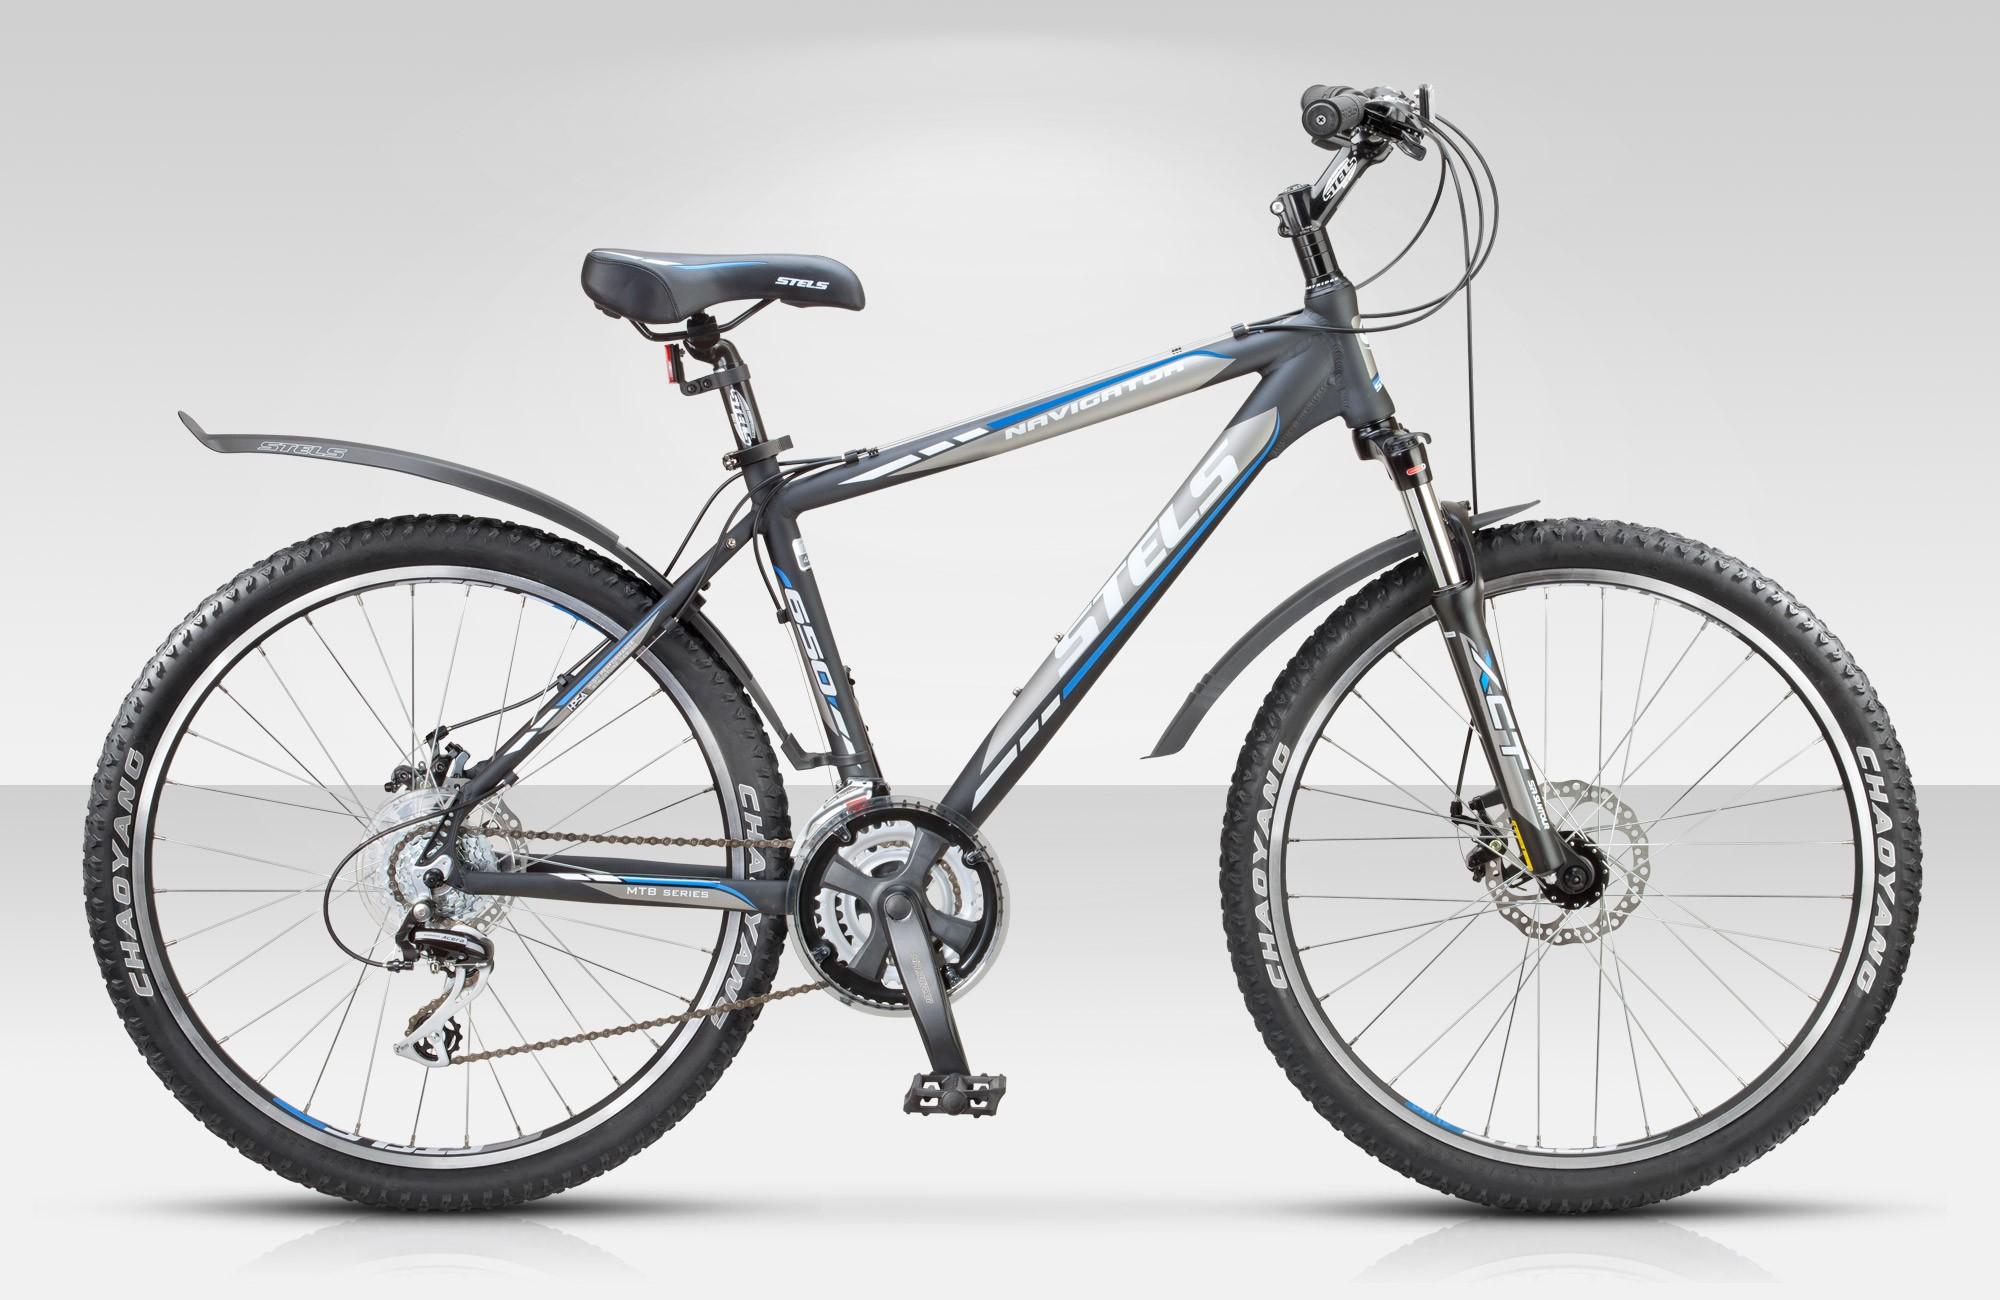 Велосипед Stels Navigator-650 MD 26.15Велосипеды Stels<br>Горный велосипед Stels Navigator 650 MD 2015 года является более продвинутой модификацией модели Navigator 650. Это отличный хардтейл, отличающийся хорошей манёвренностью, высокой динамичностью и эргономичностью. В основе модели Stels Navigator 650 MD – л...<br>